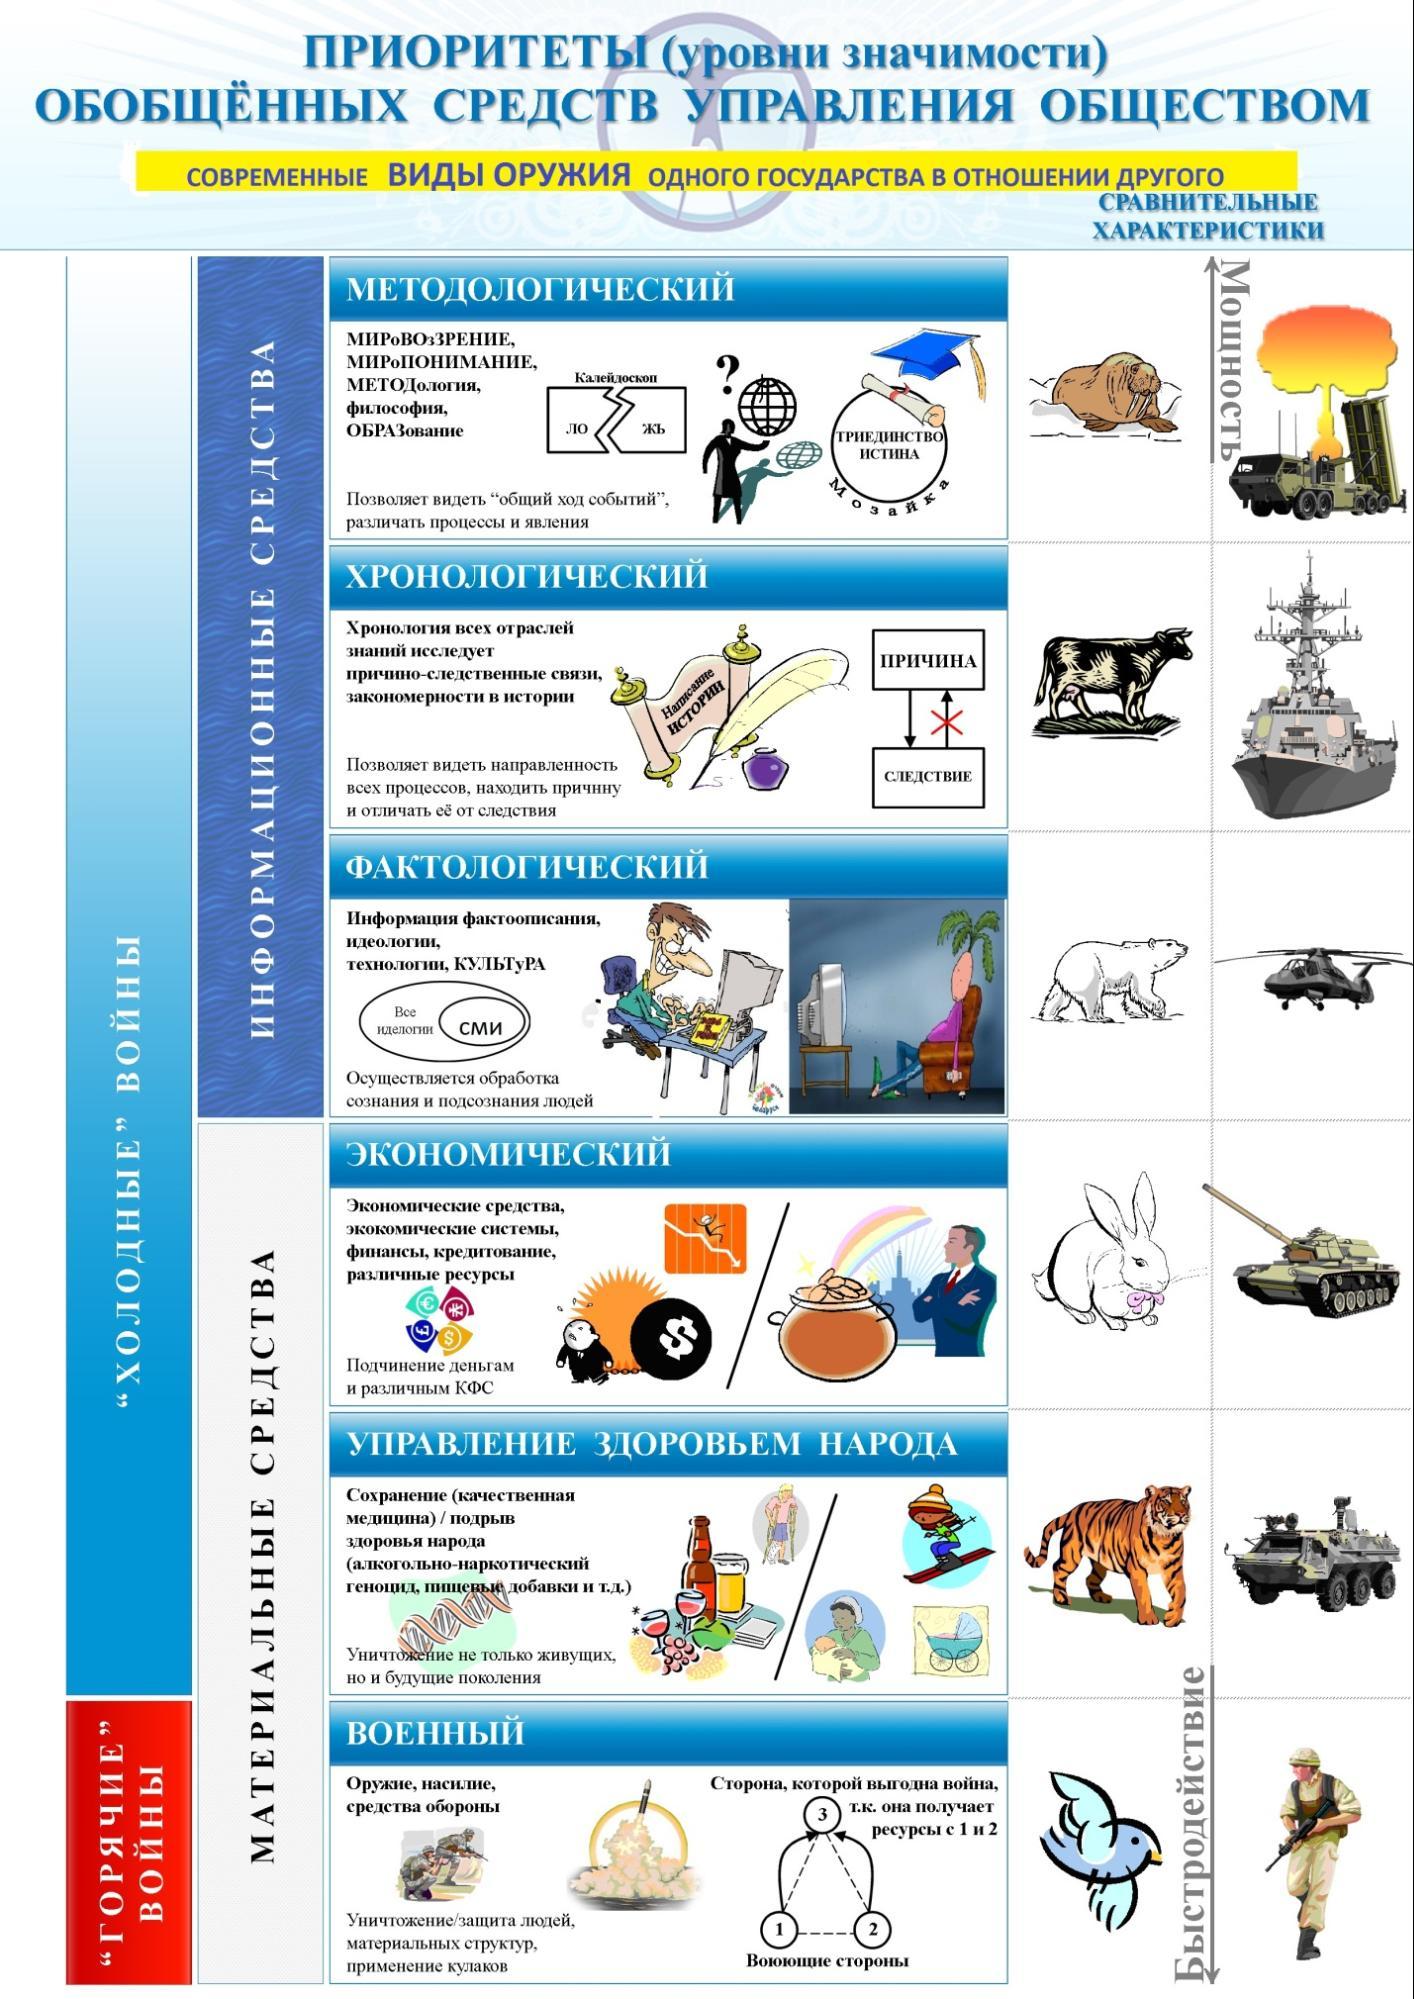 6 приоритетов обощённых средств управления/оружия